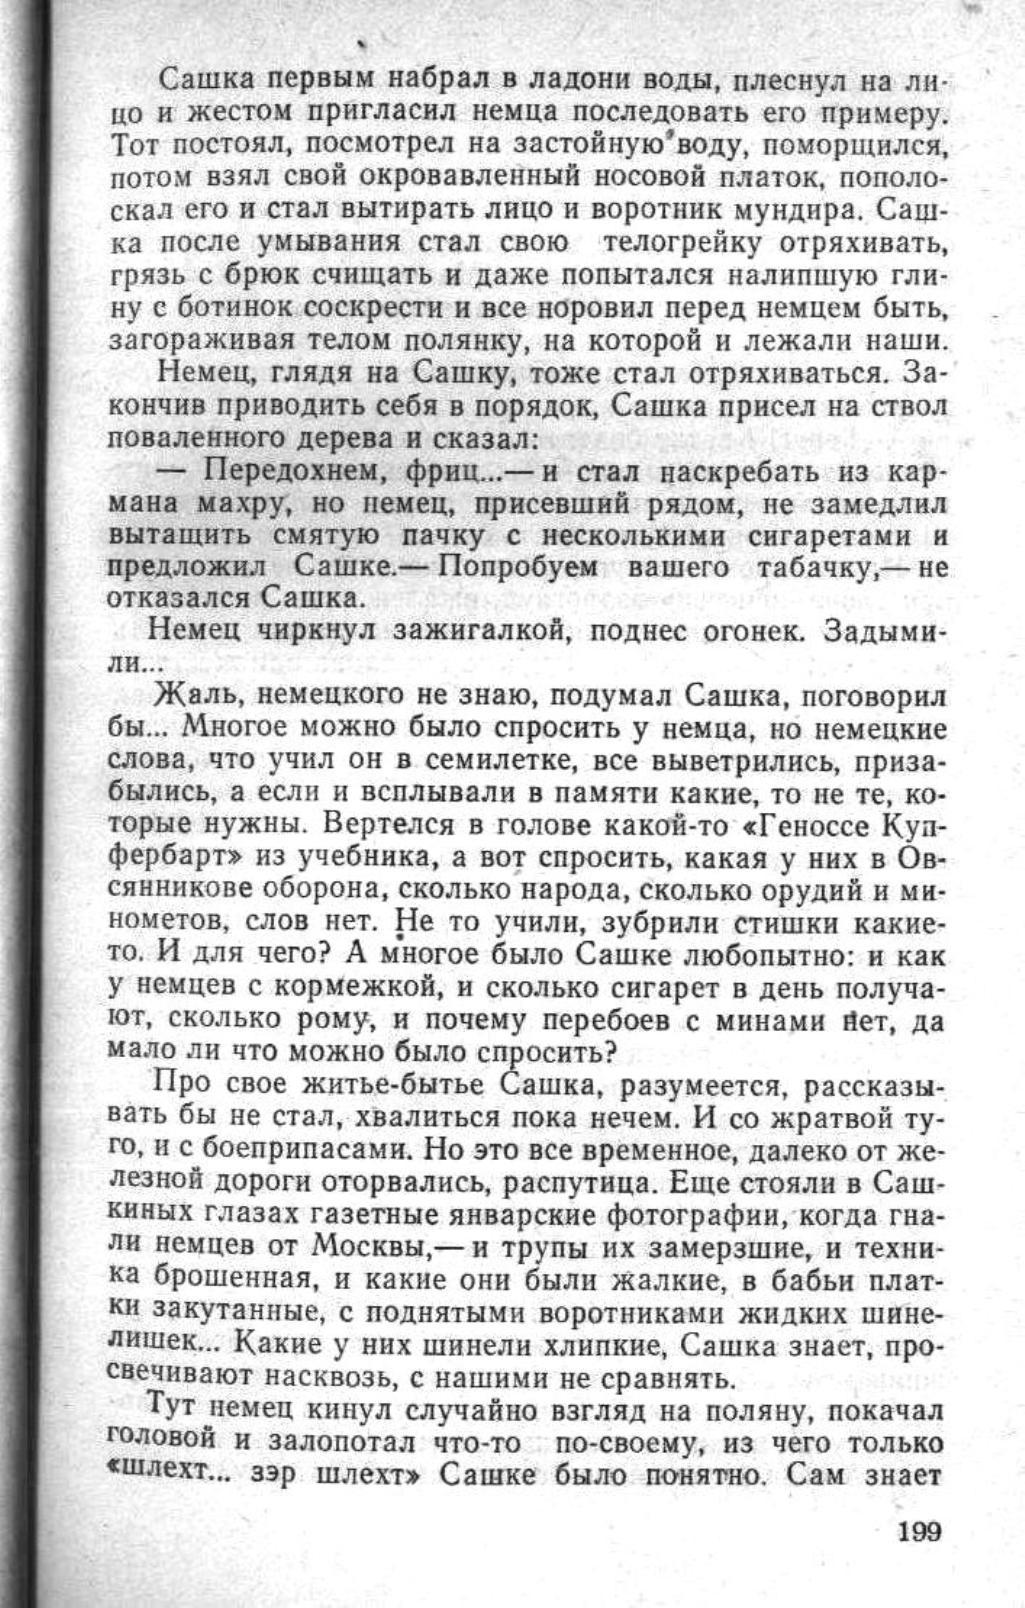 Сашка. Повесть. Вячеслав Кондратьев .002. 018